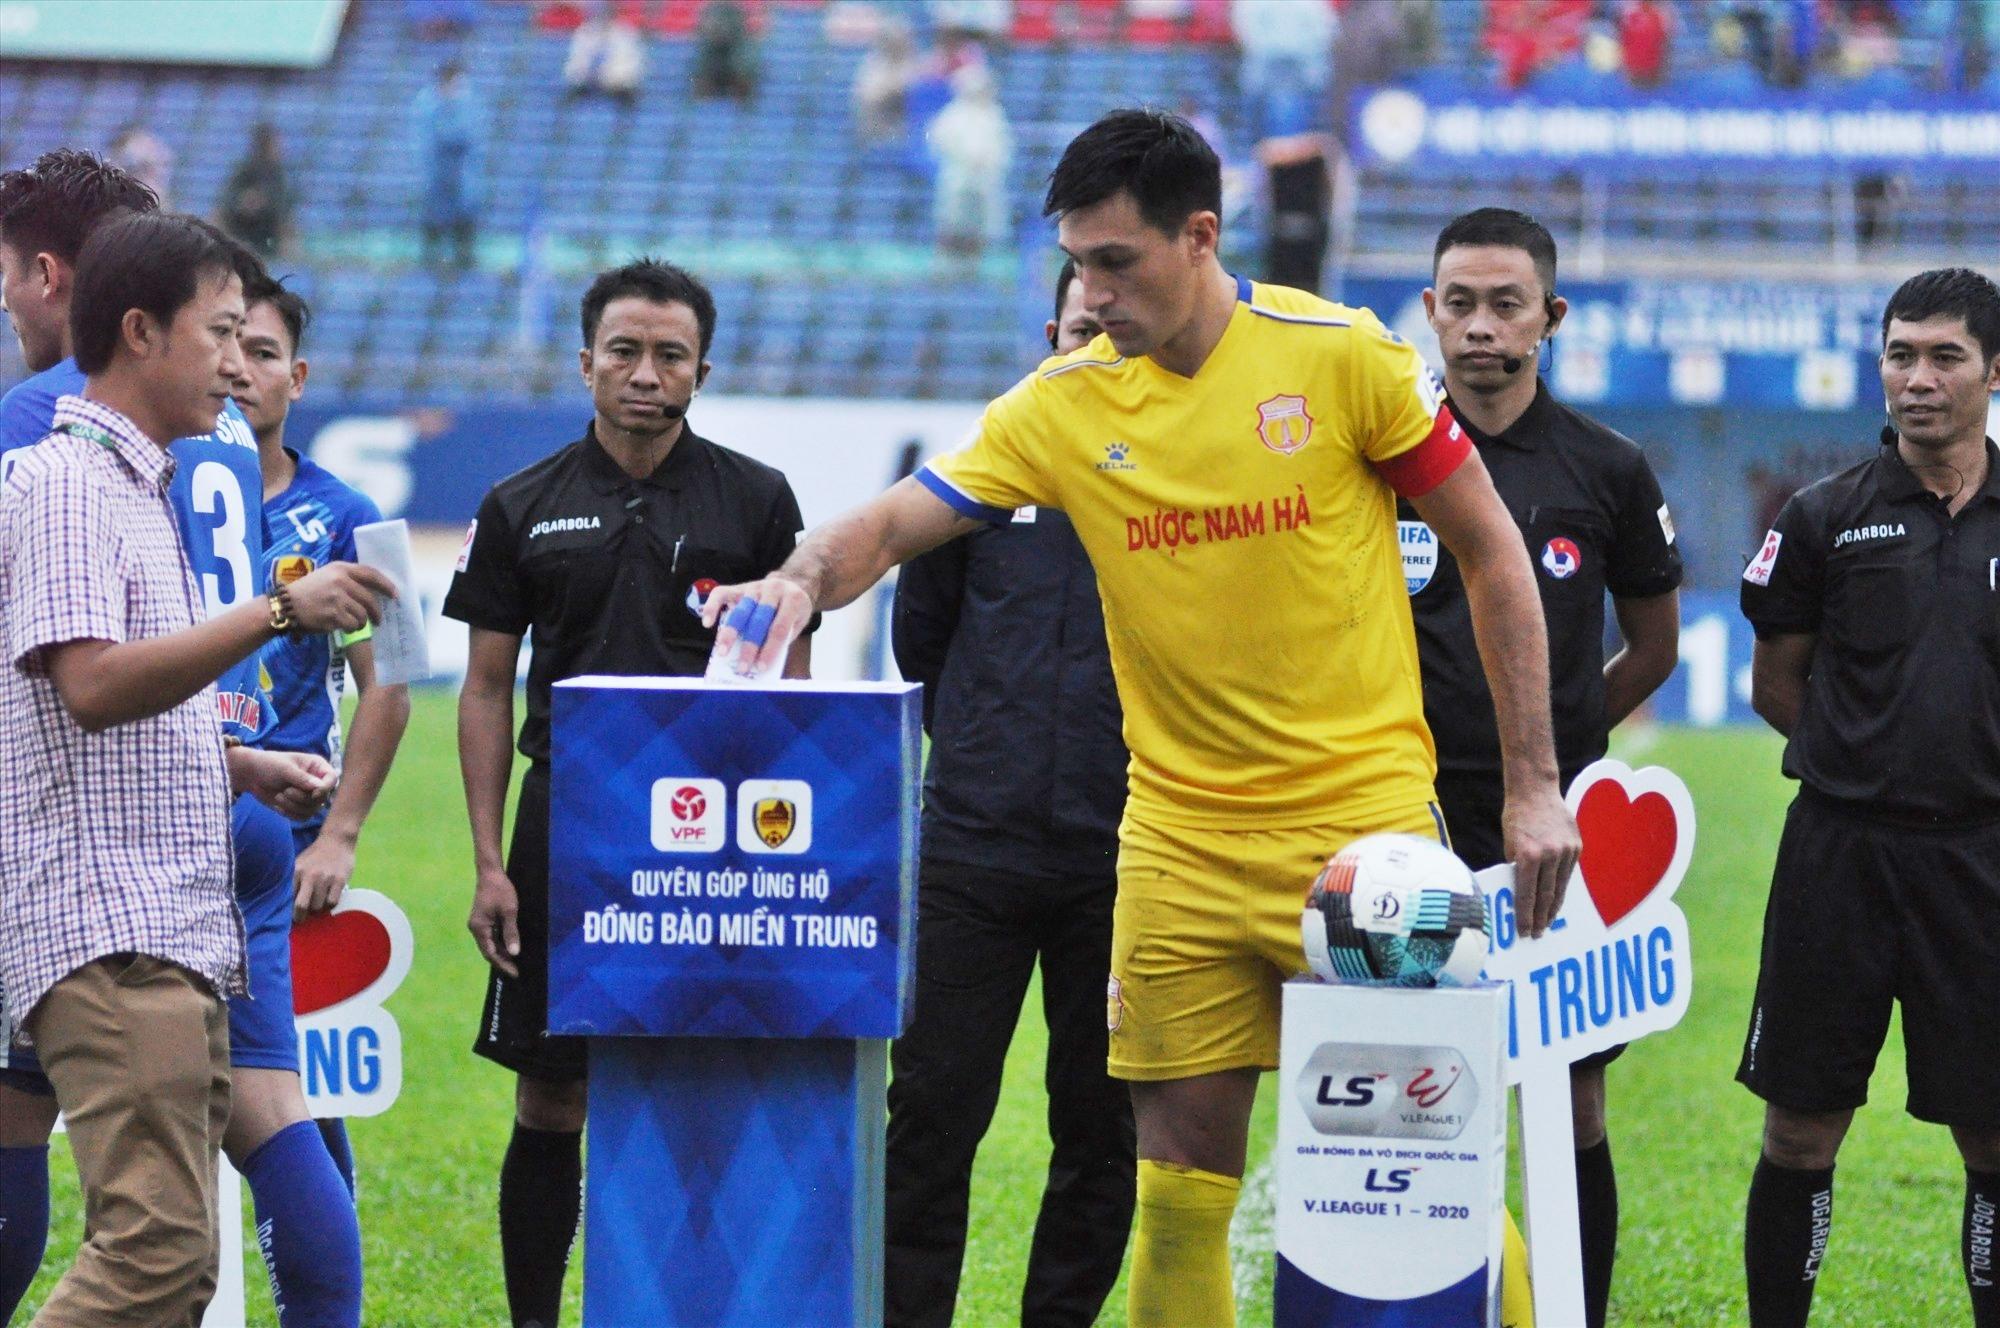 HLV Nguyễn Thành Công, đội trưởng Đỗ Merlo cùng hai đội bóng hưởng ứng ủng hộ người dân bị thiệt hại do lũ lụt. Ảnh: T.V